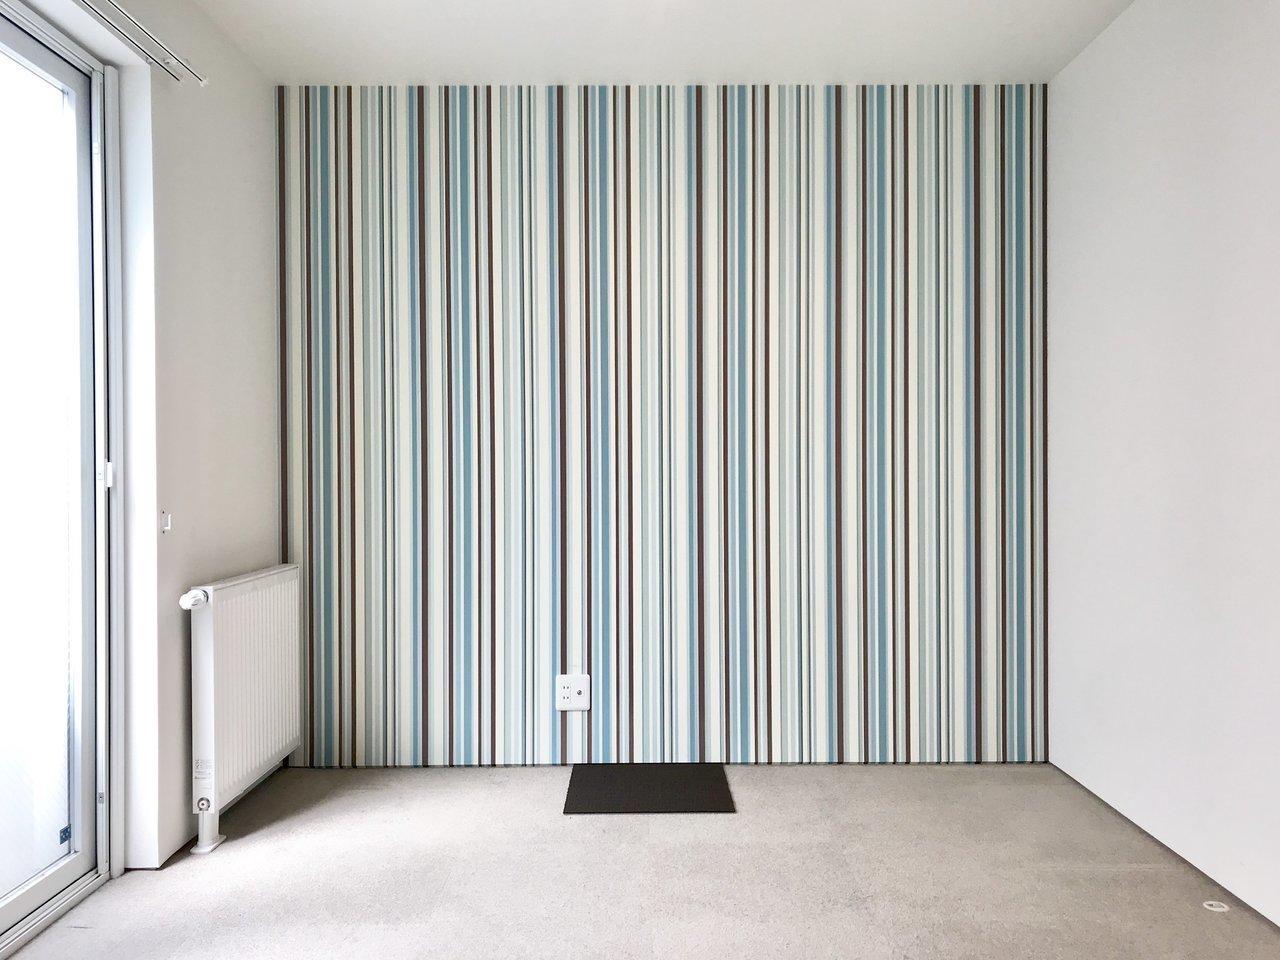 洋室は全部で3室。それぞれの部屋のクロスがこんな感じで特徴があるんです。とっても個性的。どのお部屋を選ぶかケンカになっちゃいそう。